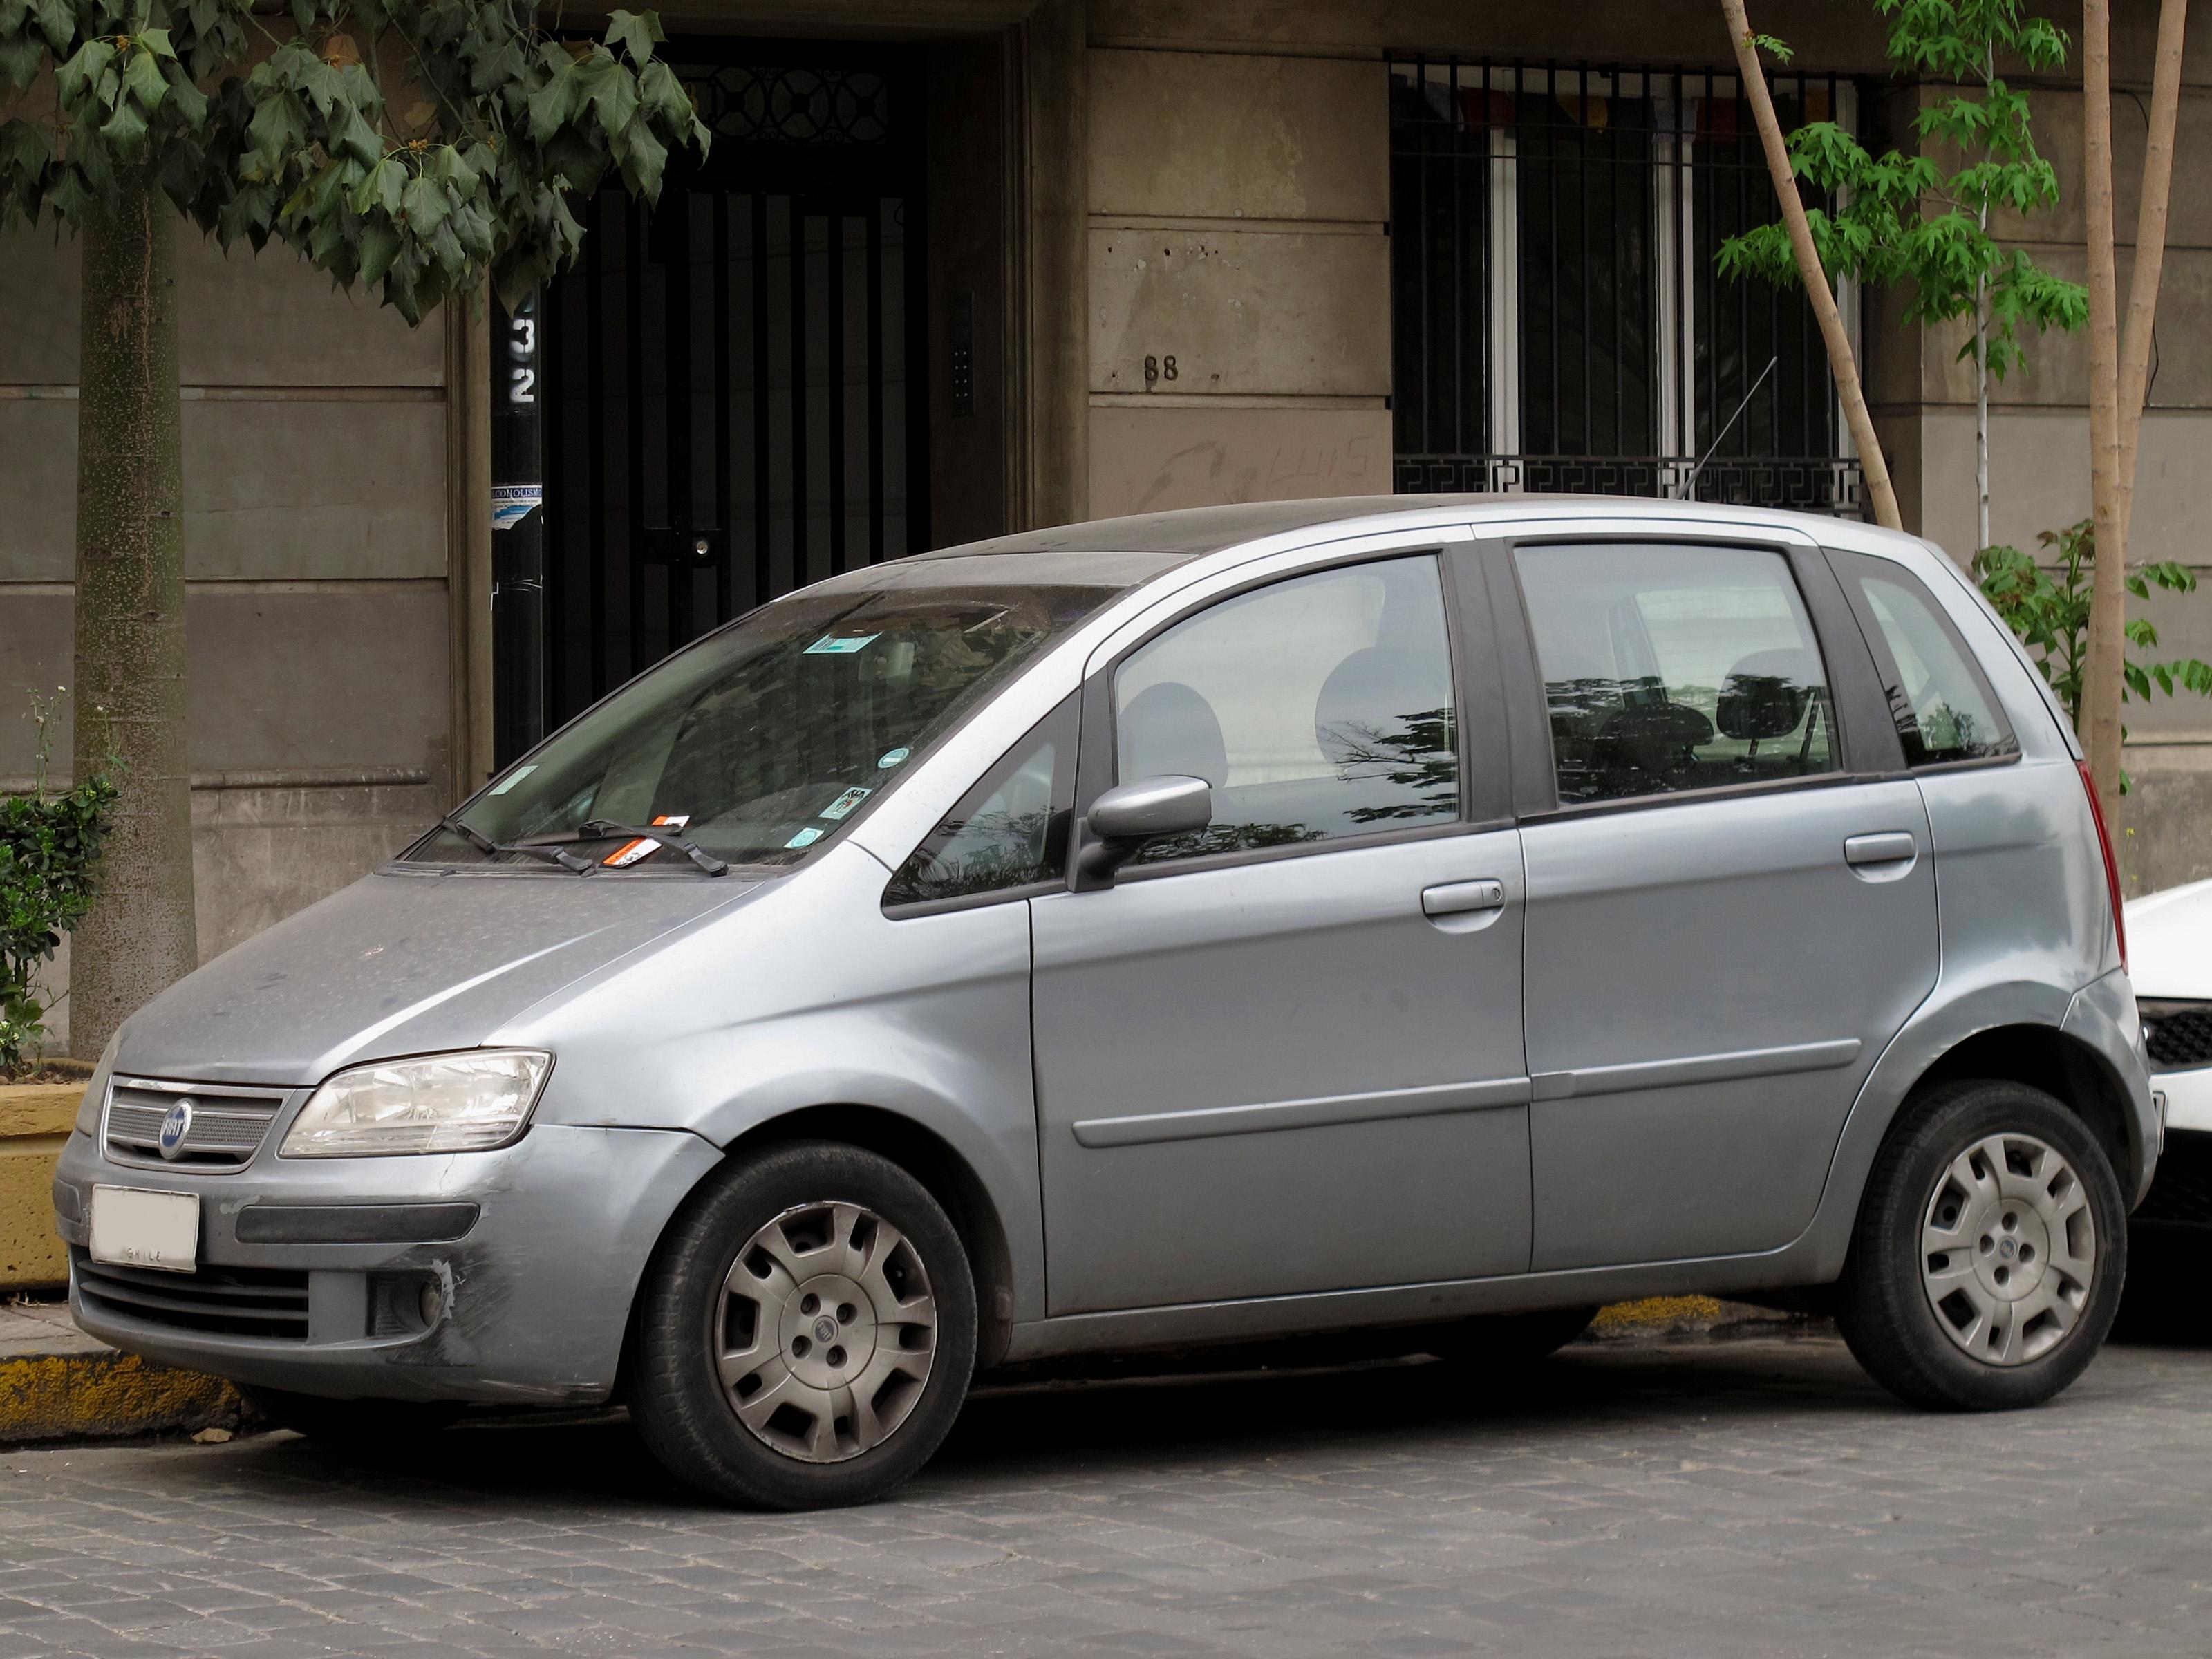 File fiat idea 1 8 hlx 2006 15602196571 jpg wikimedia for Fiat idea 1 8 hlx 2006 ficha tecnica